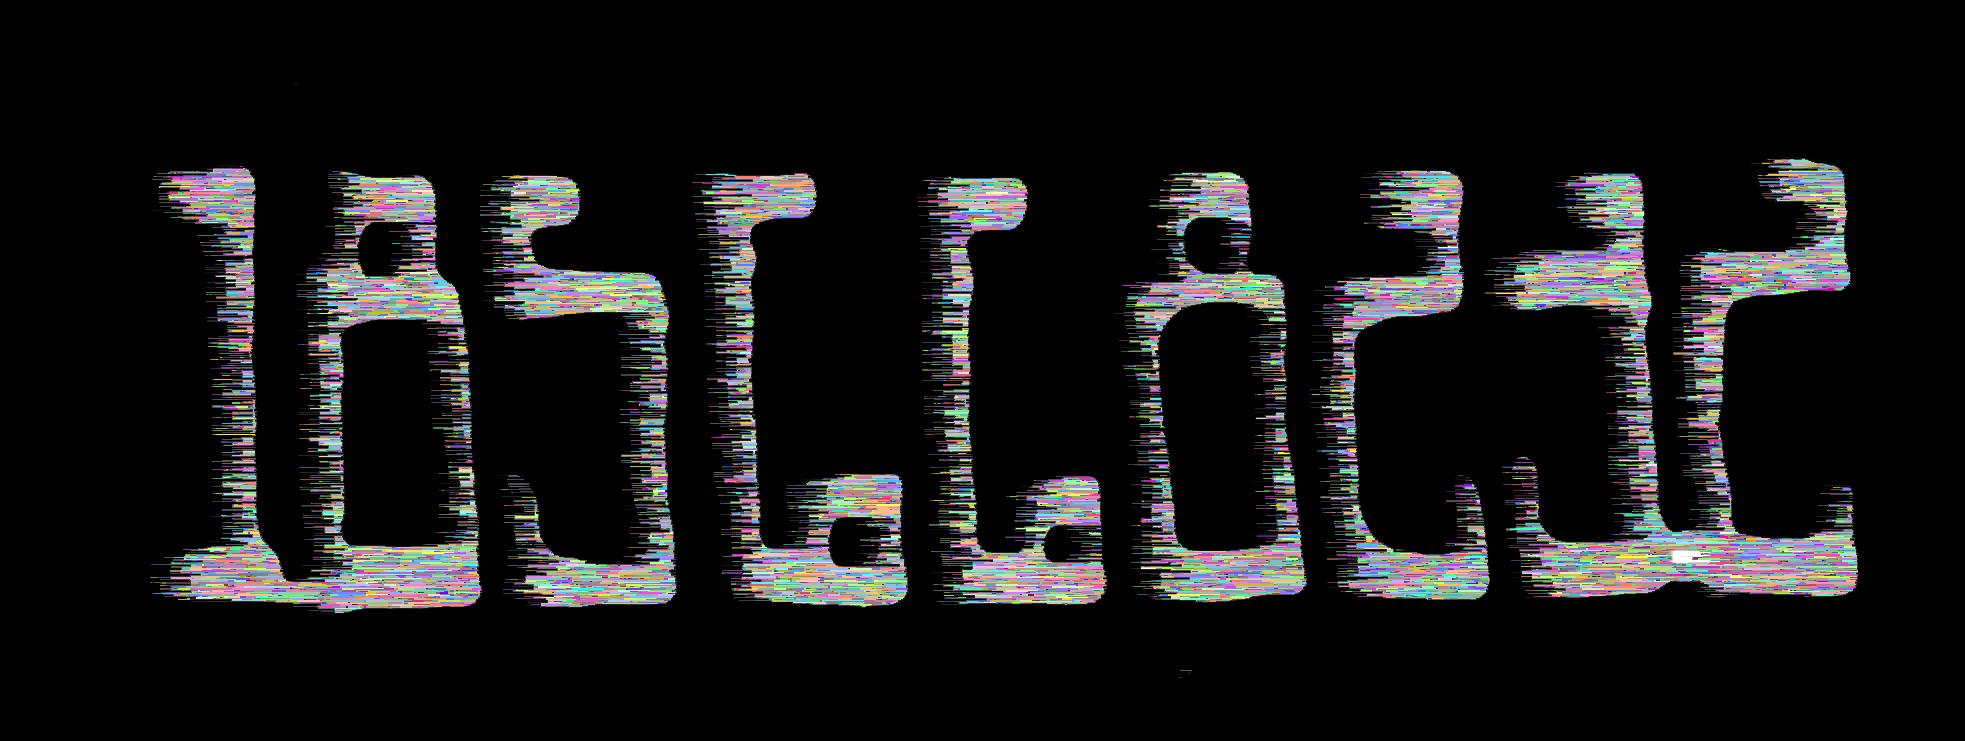 pixelnumbaz